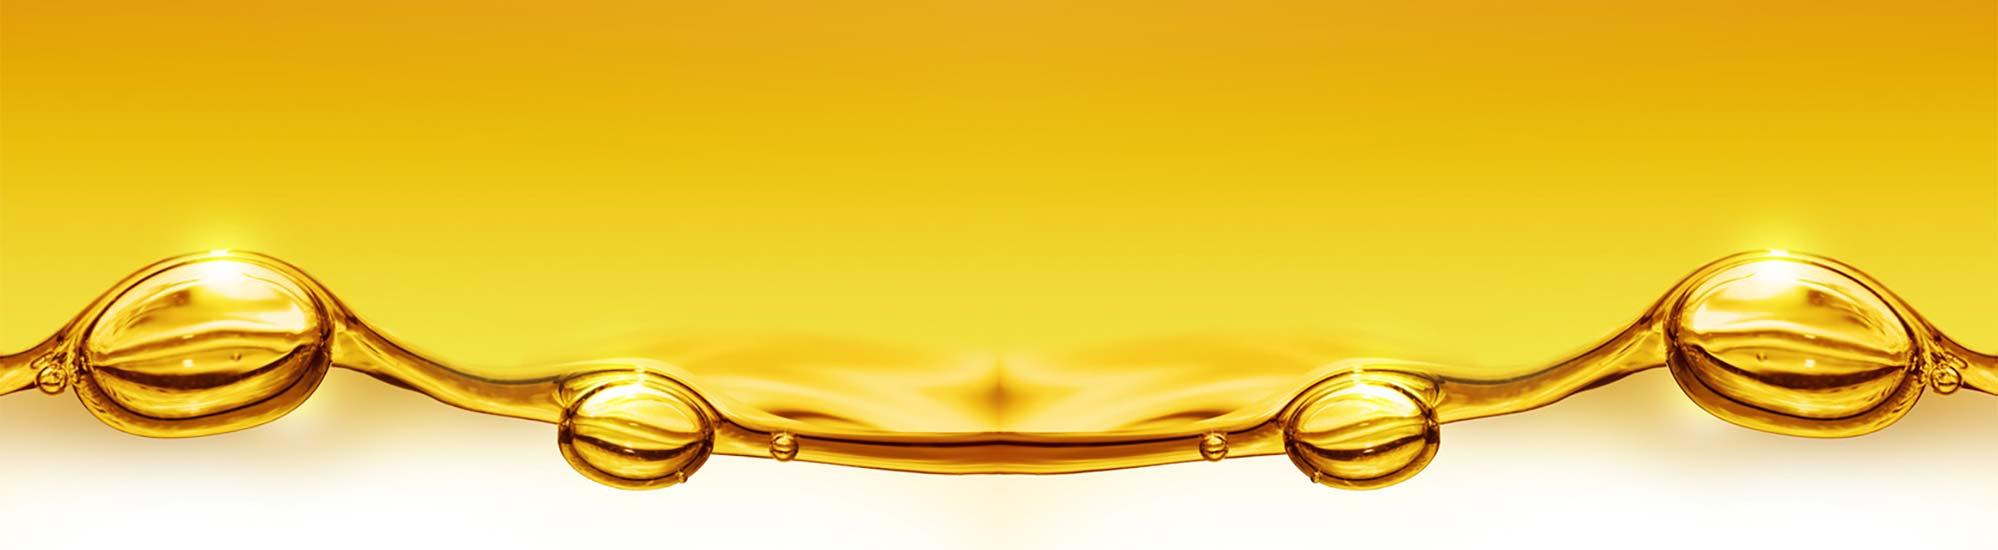 Heizöl in Sonnen gelb mit Luftblasen